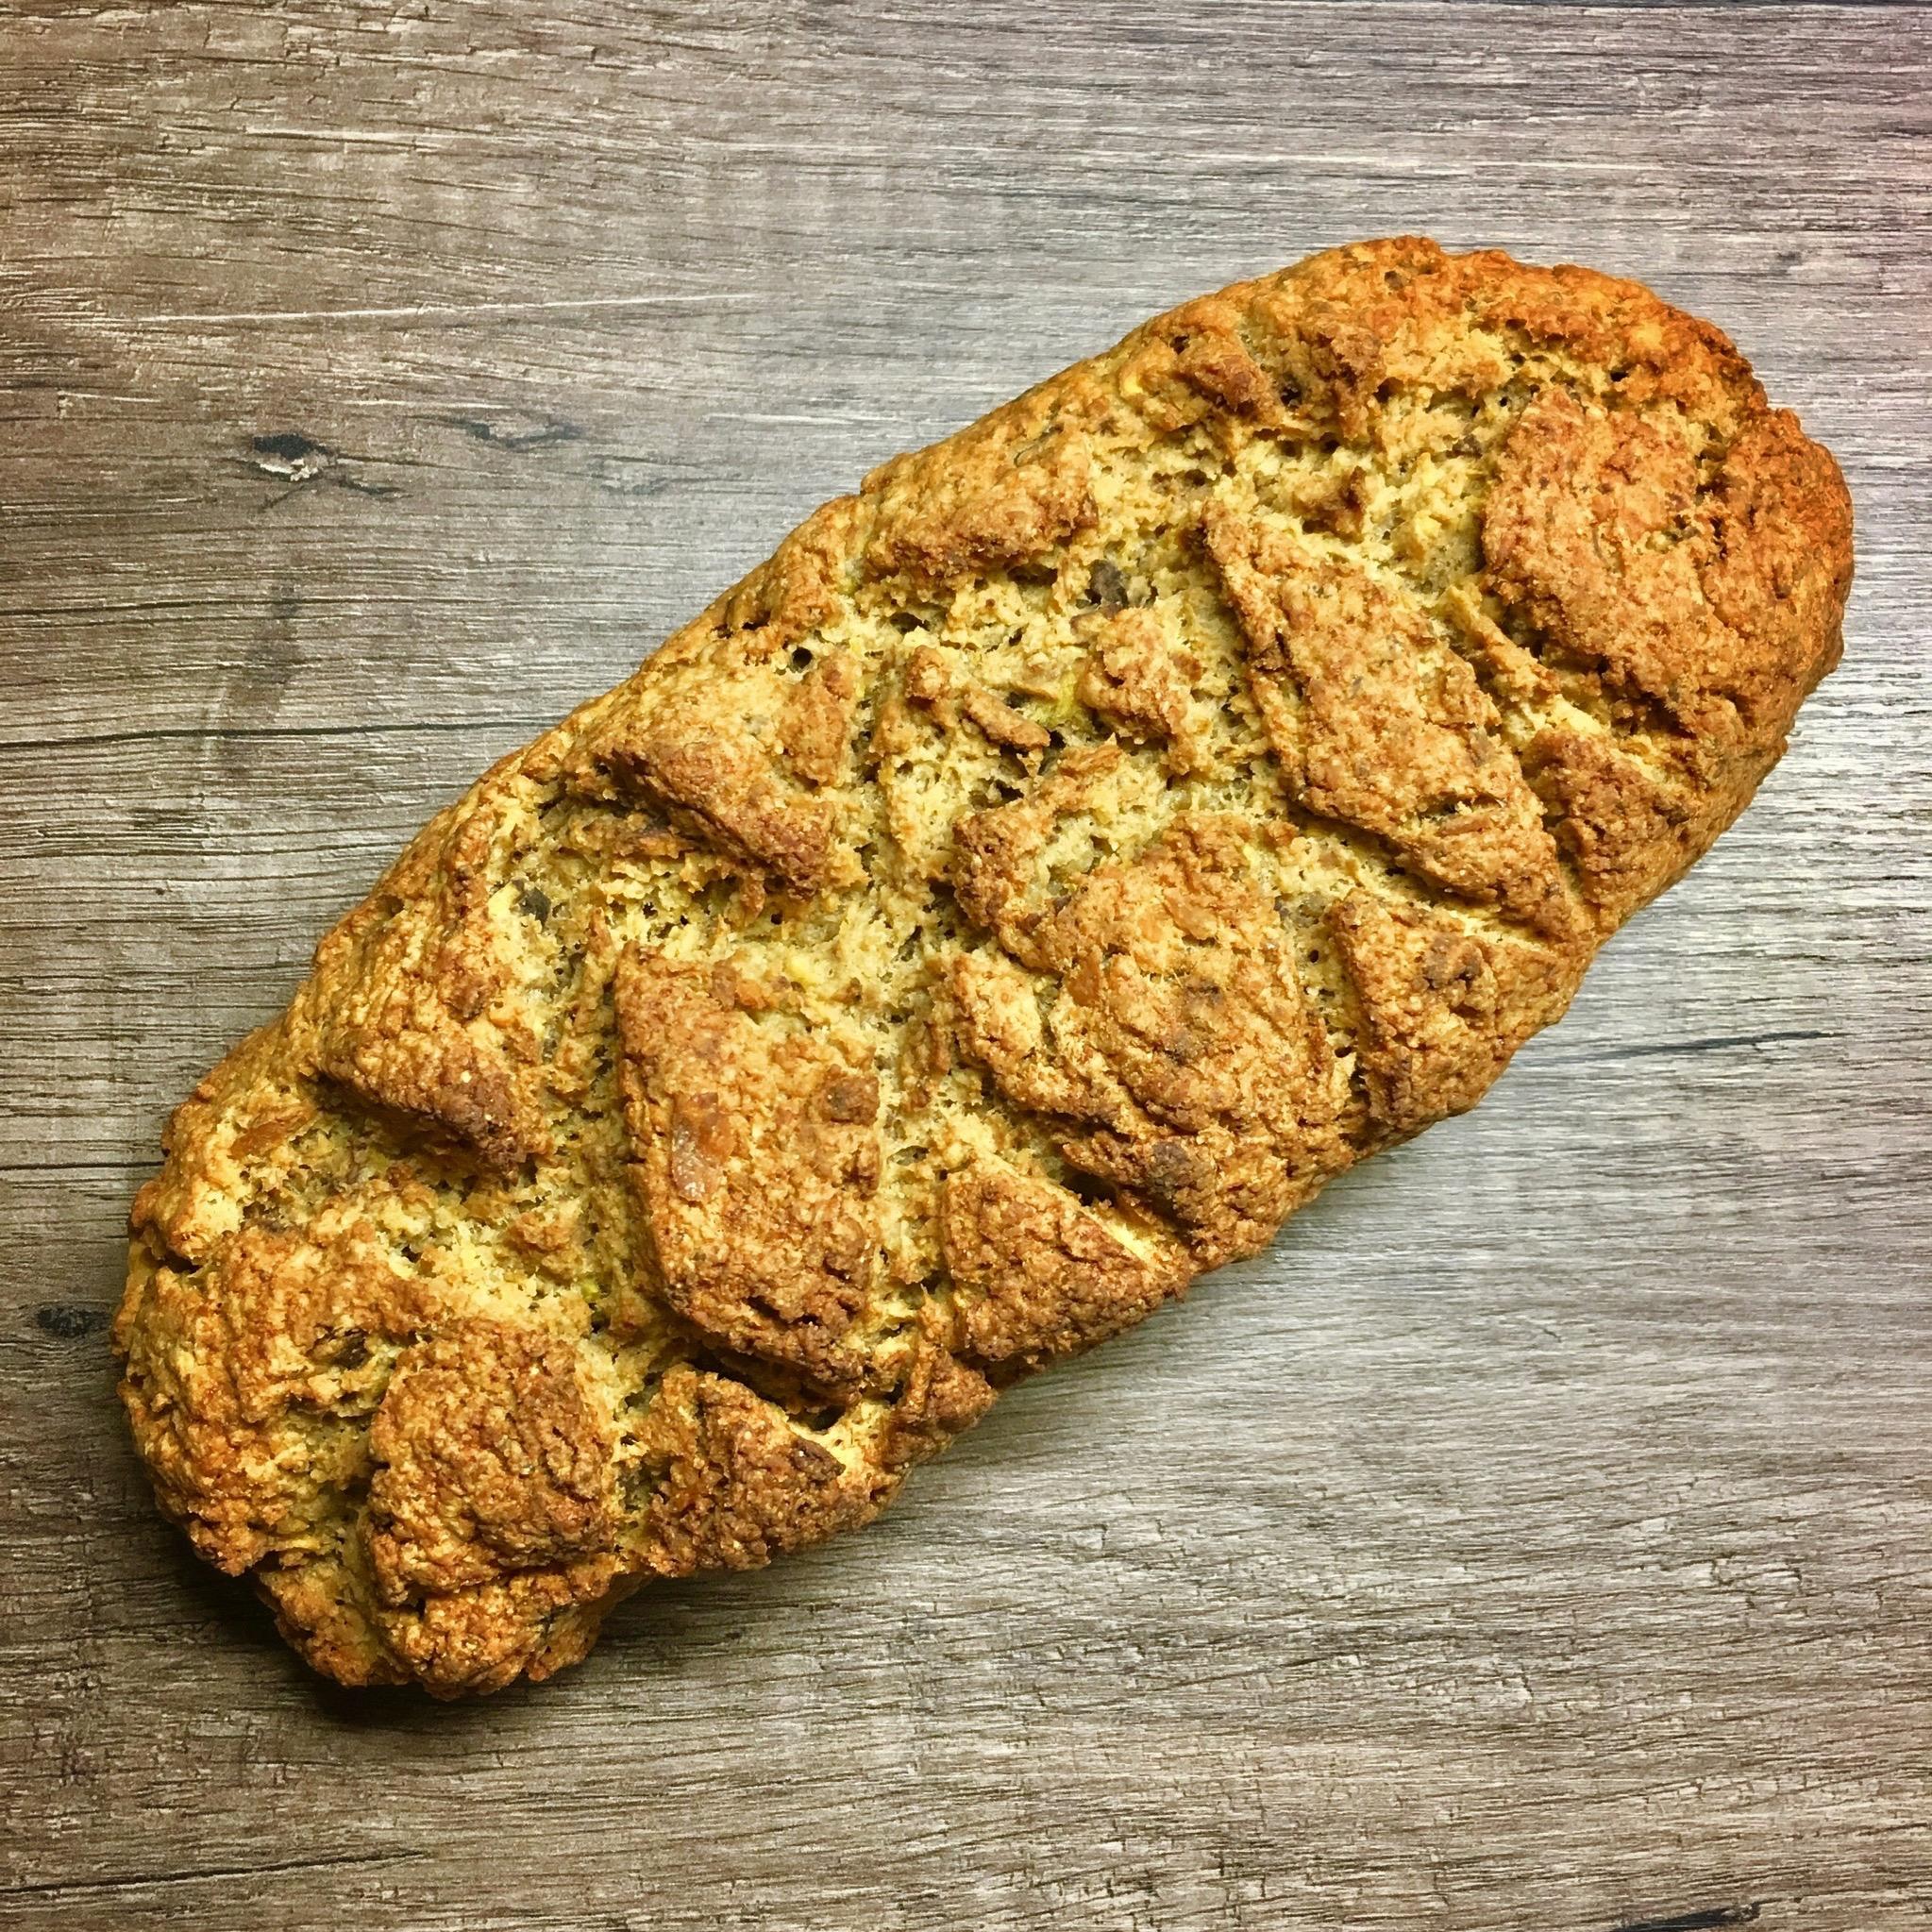 AIP Rezepte AIP Brot. Viele Autoimmunerkrankte vermissen Brot während der Durchführung des Autoimmunprotokolls und in der Paleo-Ernährung. Tatsächlich muss man nicht gänzlich auf diesen Genuss verzichten! Es gibt vollkommen getreidefreie Varianten, so wie unser knuspriges AIP Brot. Guten Appetit!